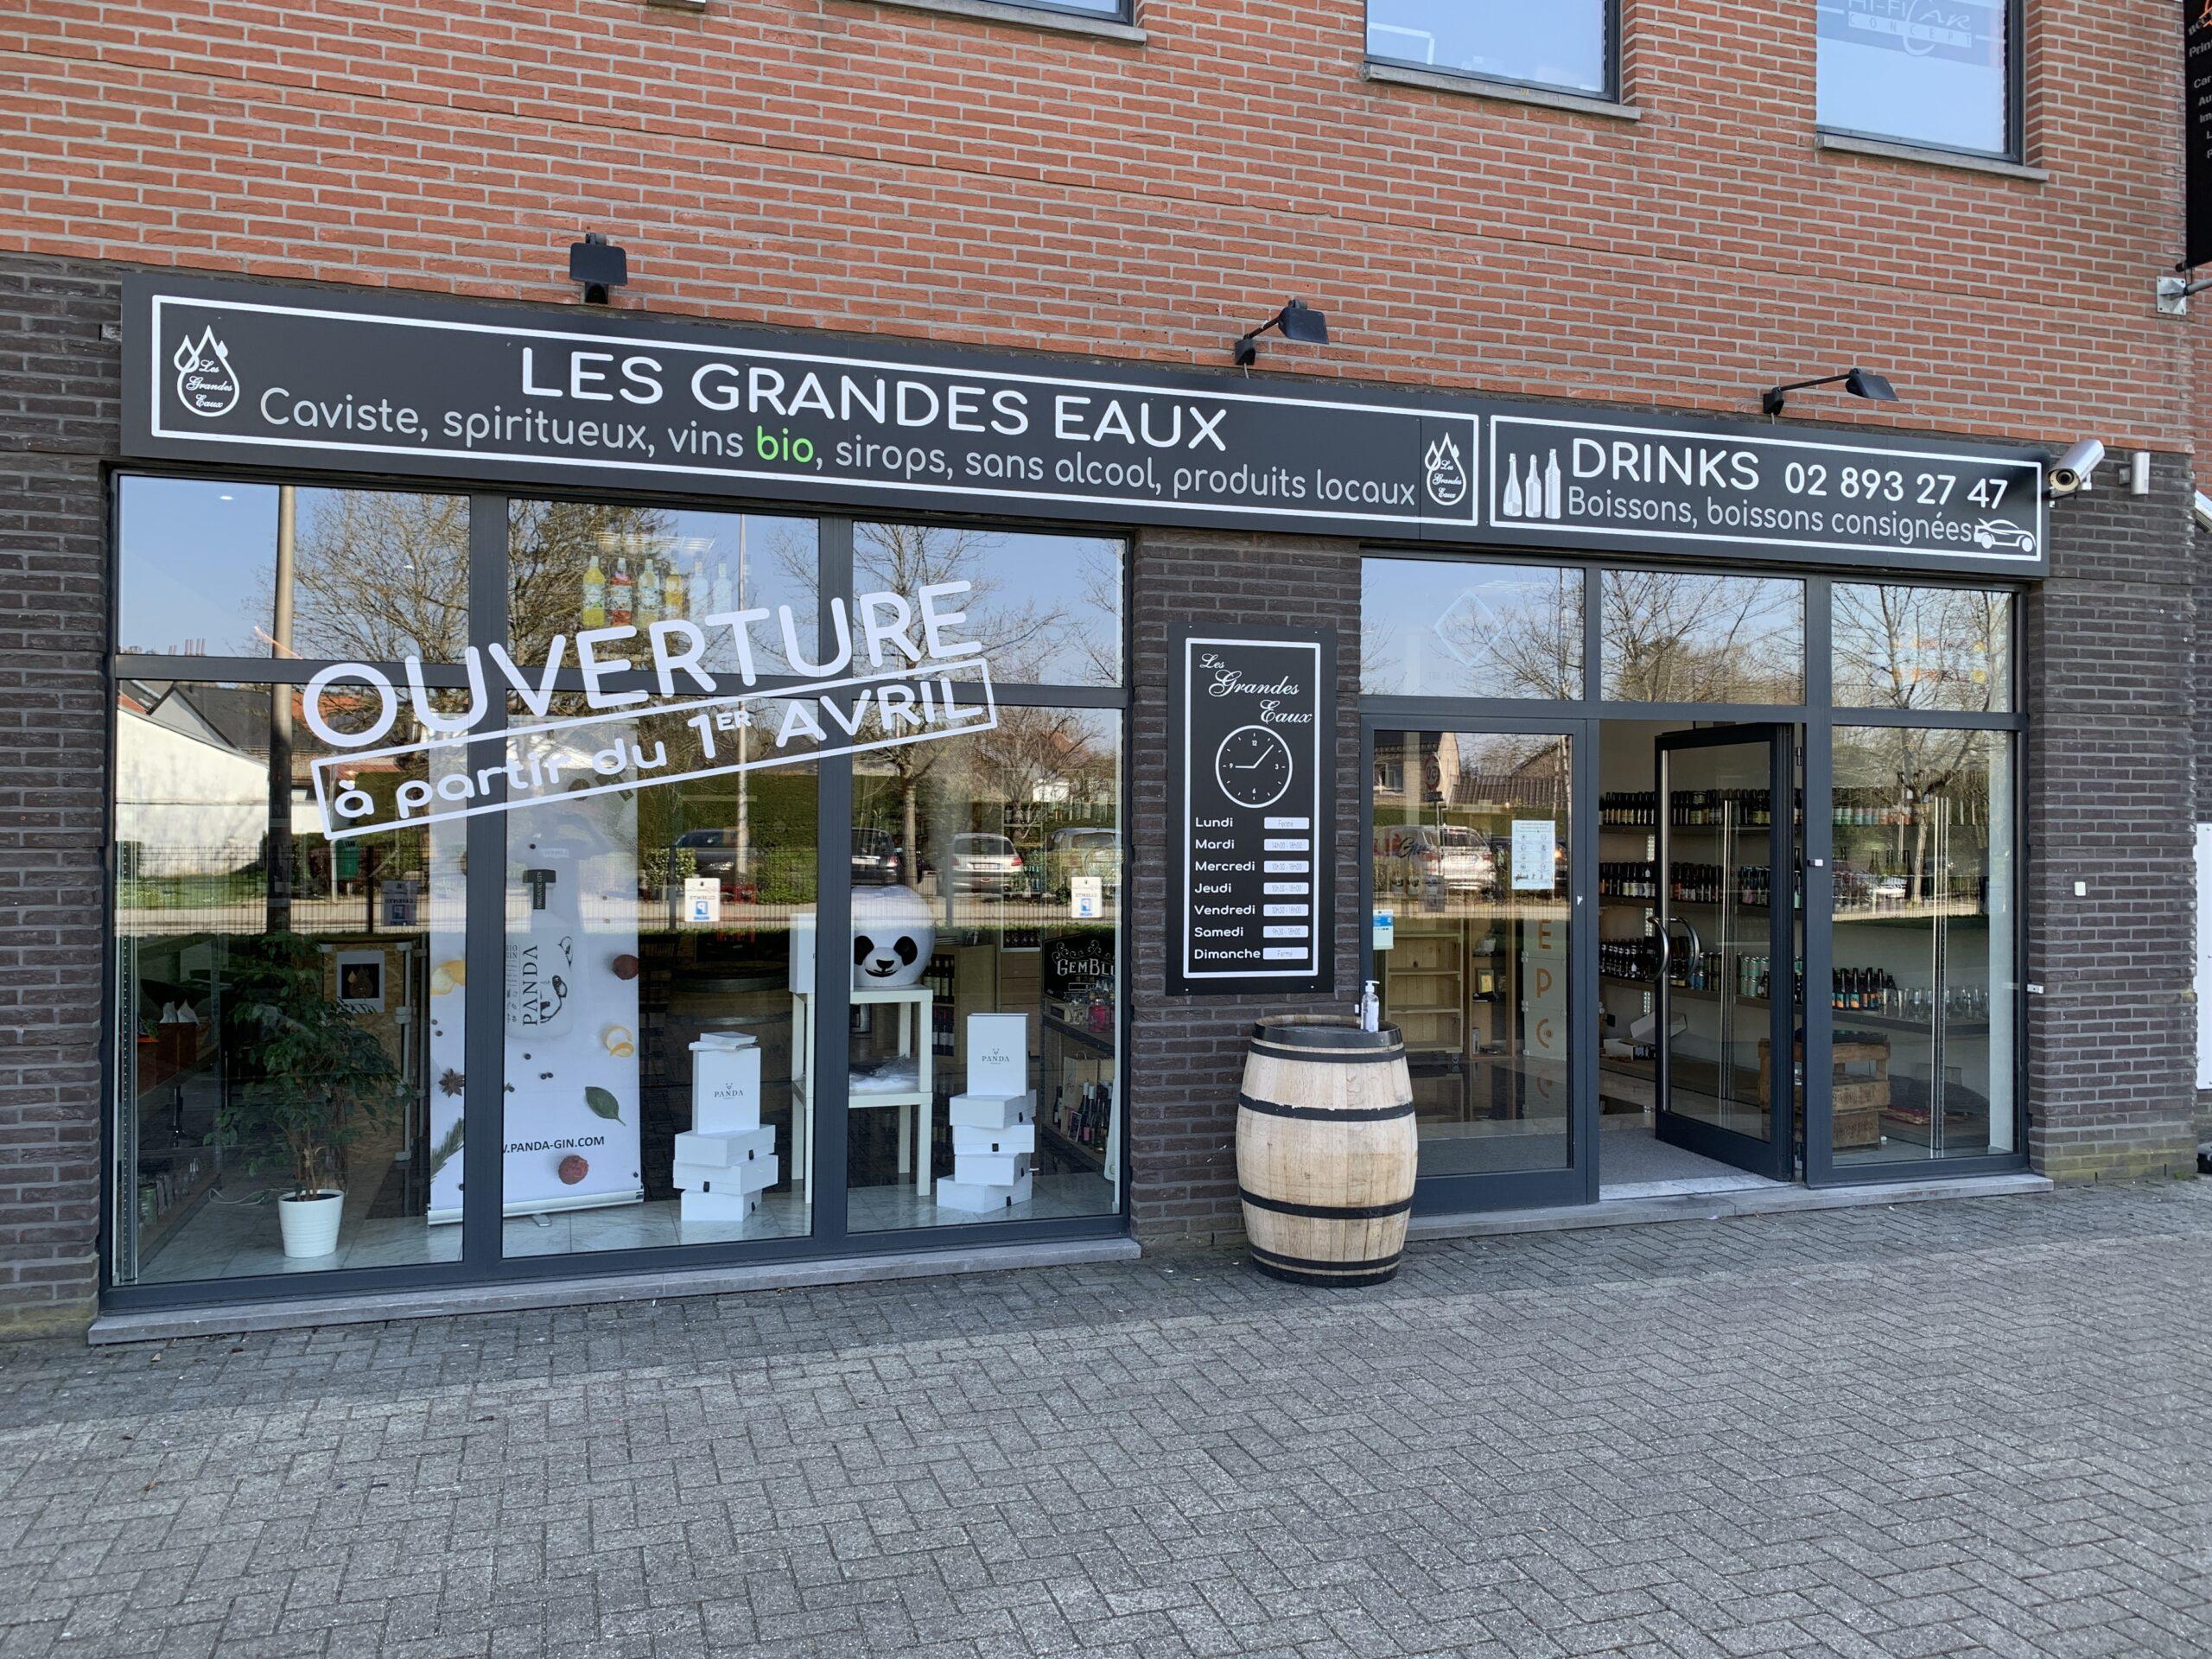 Le nouveau magasin/ drive in Les Grandes Eaux est actif depuis ce 1er avril..parking privé !!